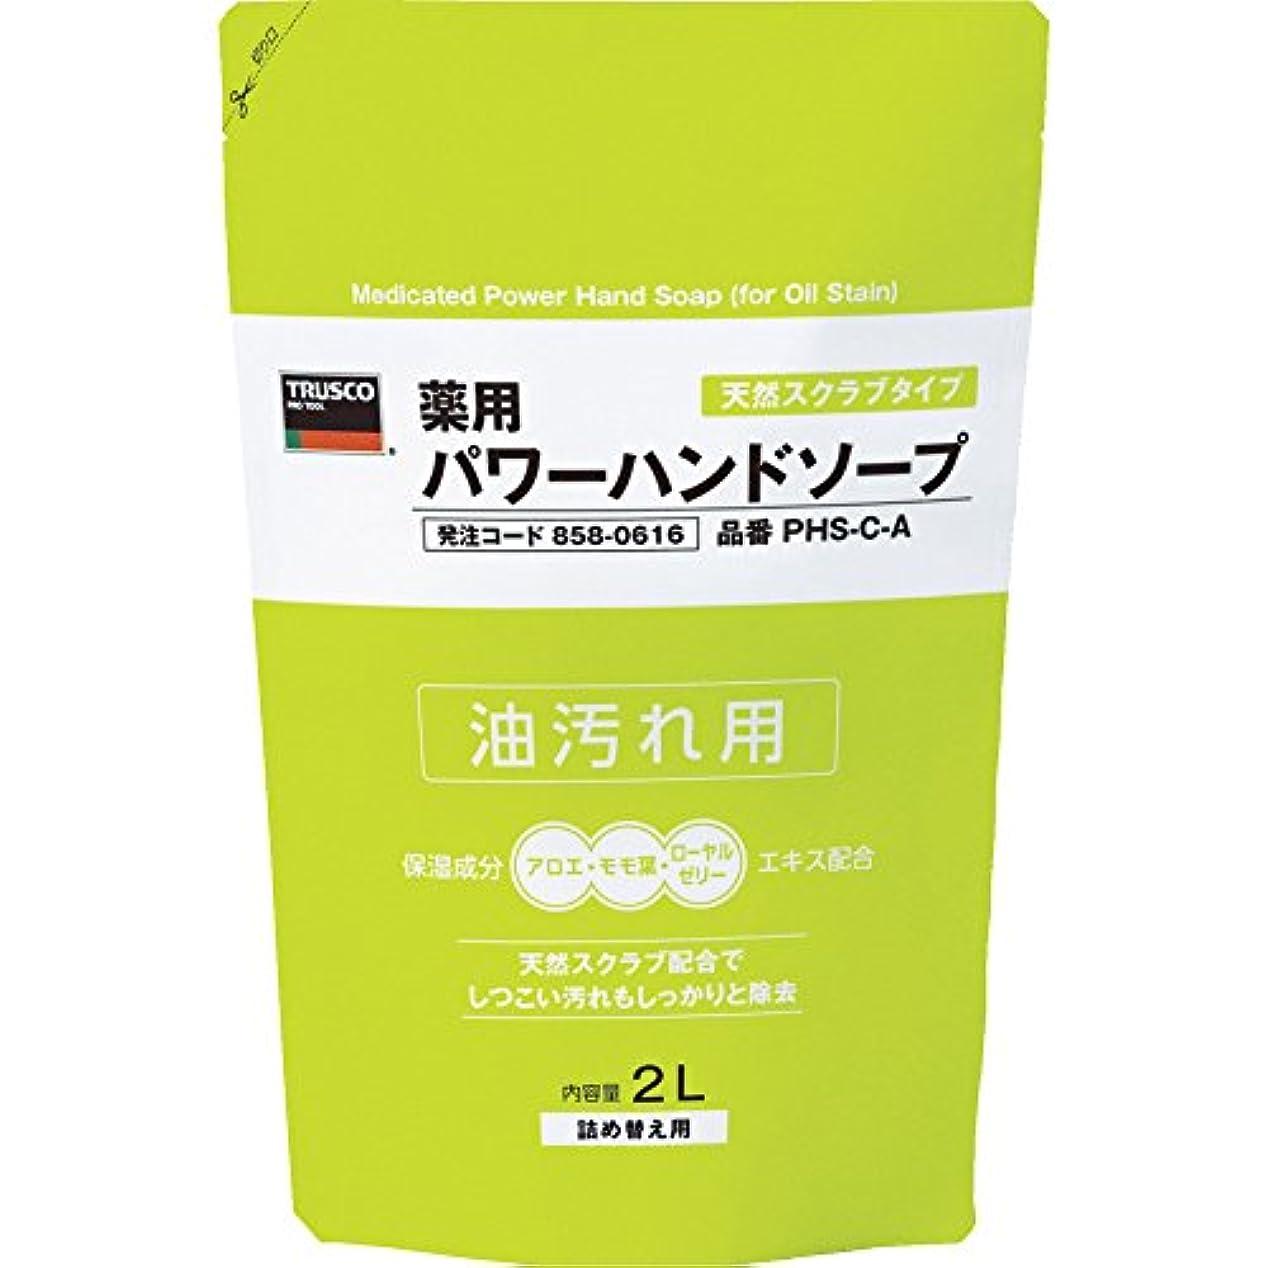 ペン騒乱オープナーTRUSCO(トラスコ) 薬用パワーハンドソープ 詰替パック 2.0L PHS-C-A